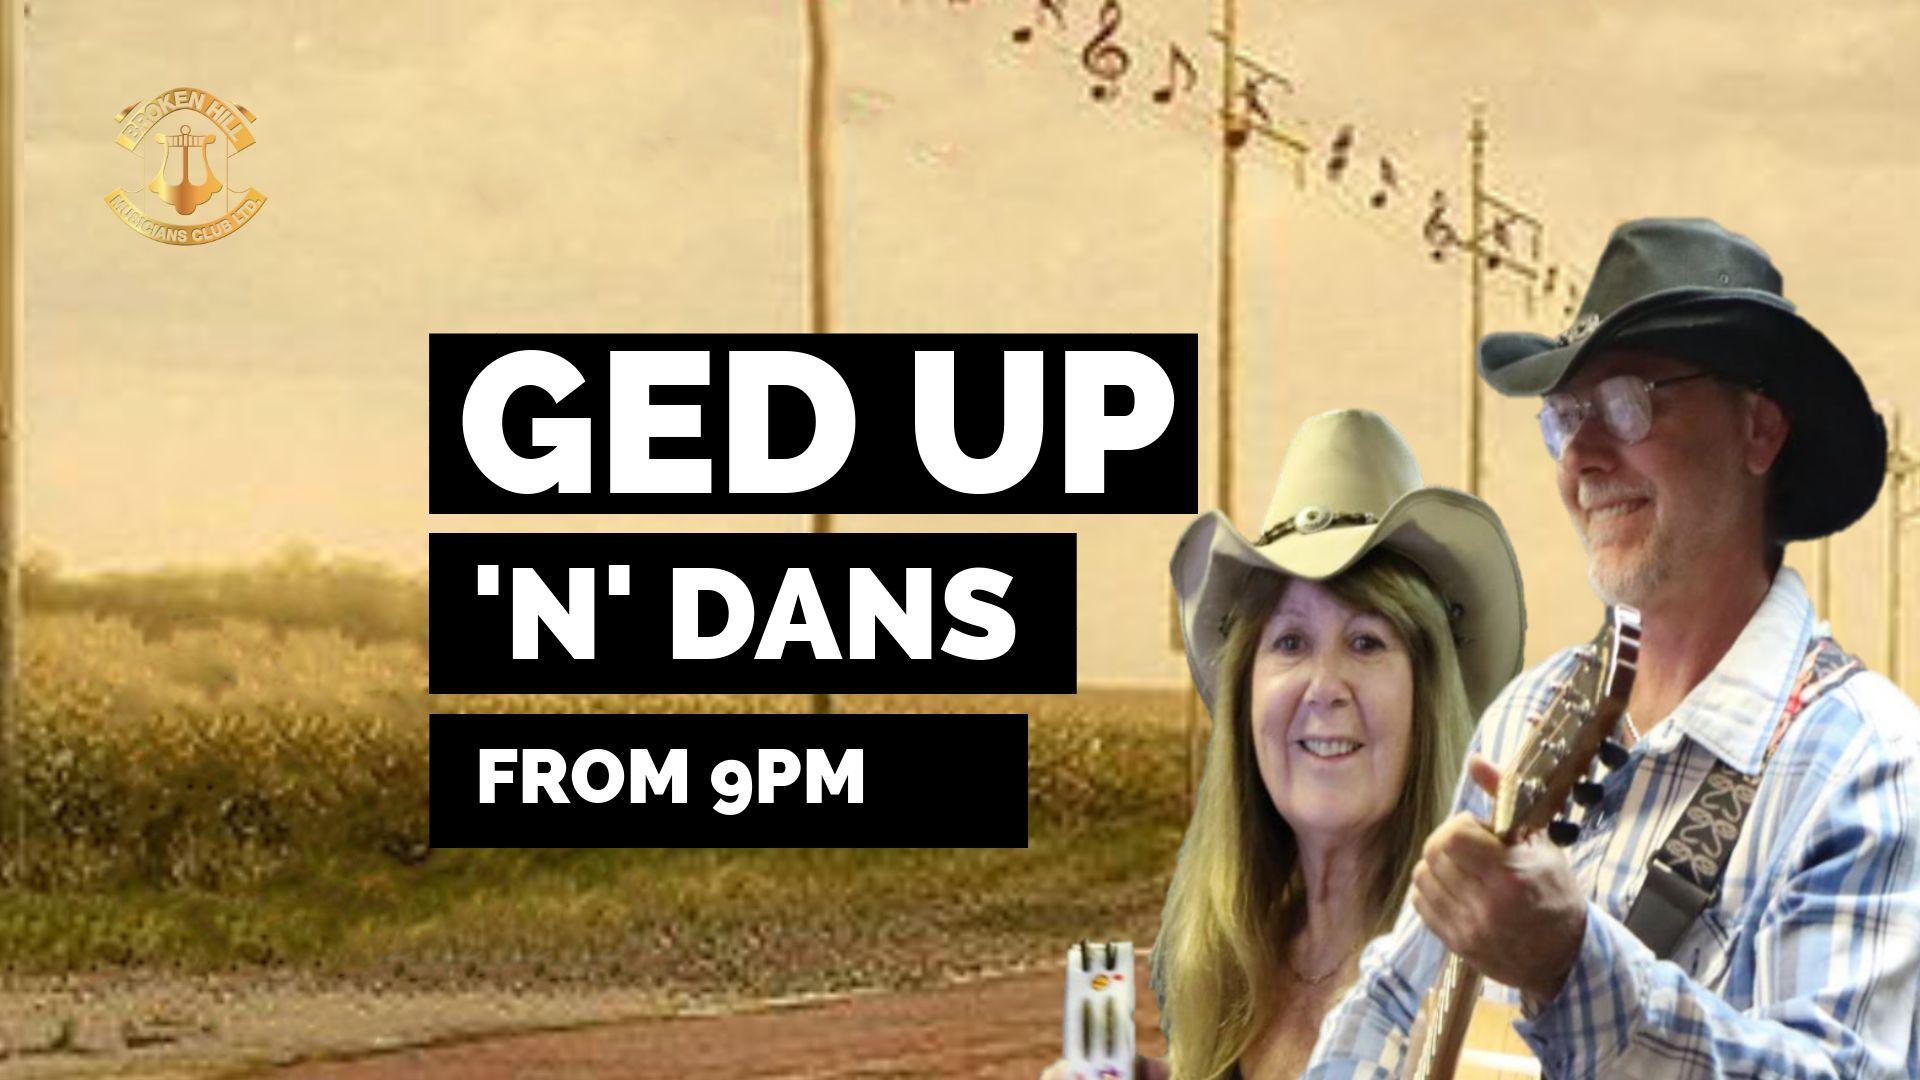 Ged Up N Dans.jpg